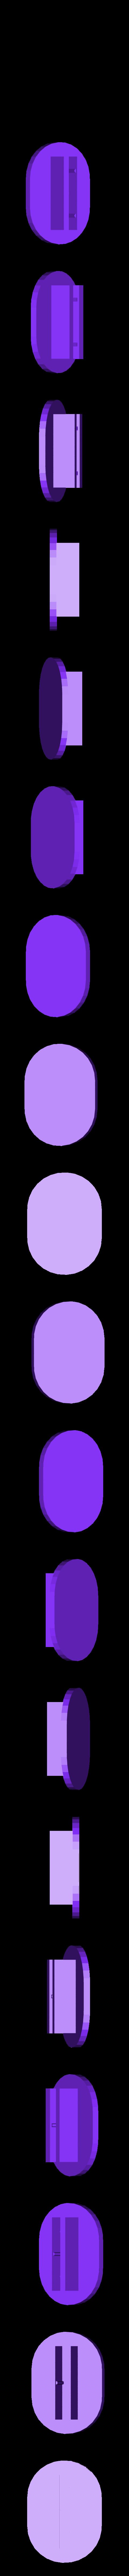 05123173 859c 4521 b228 df1d96b2001d